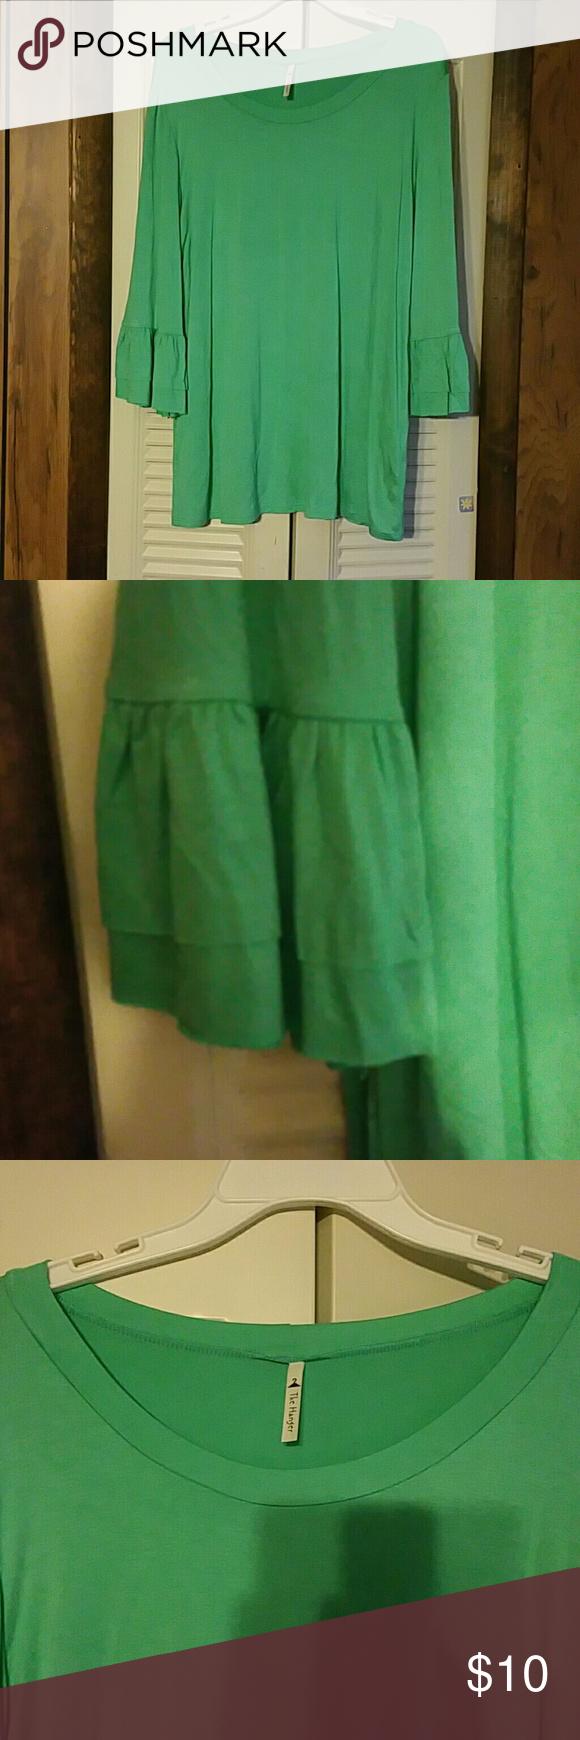 Green dress shirt mens Long sleeve dress shirt  My Posh Closet  Pinterest  Green colors